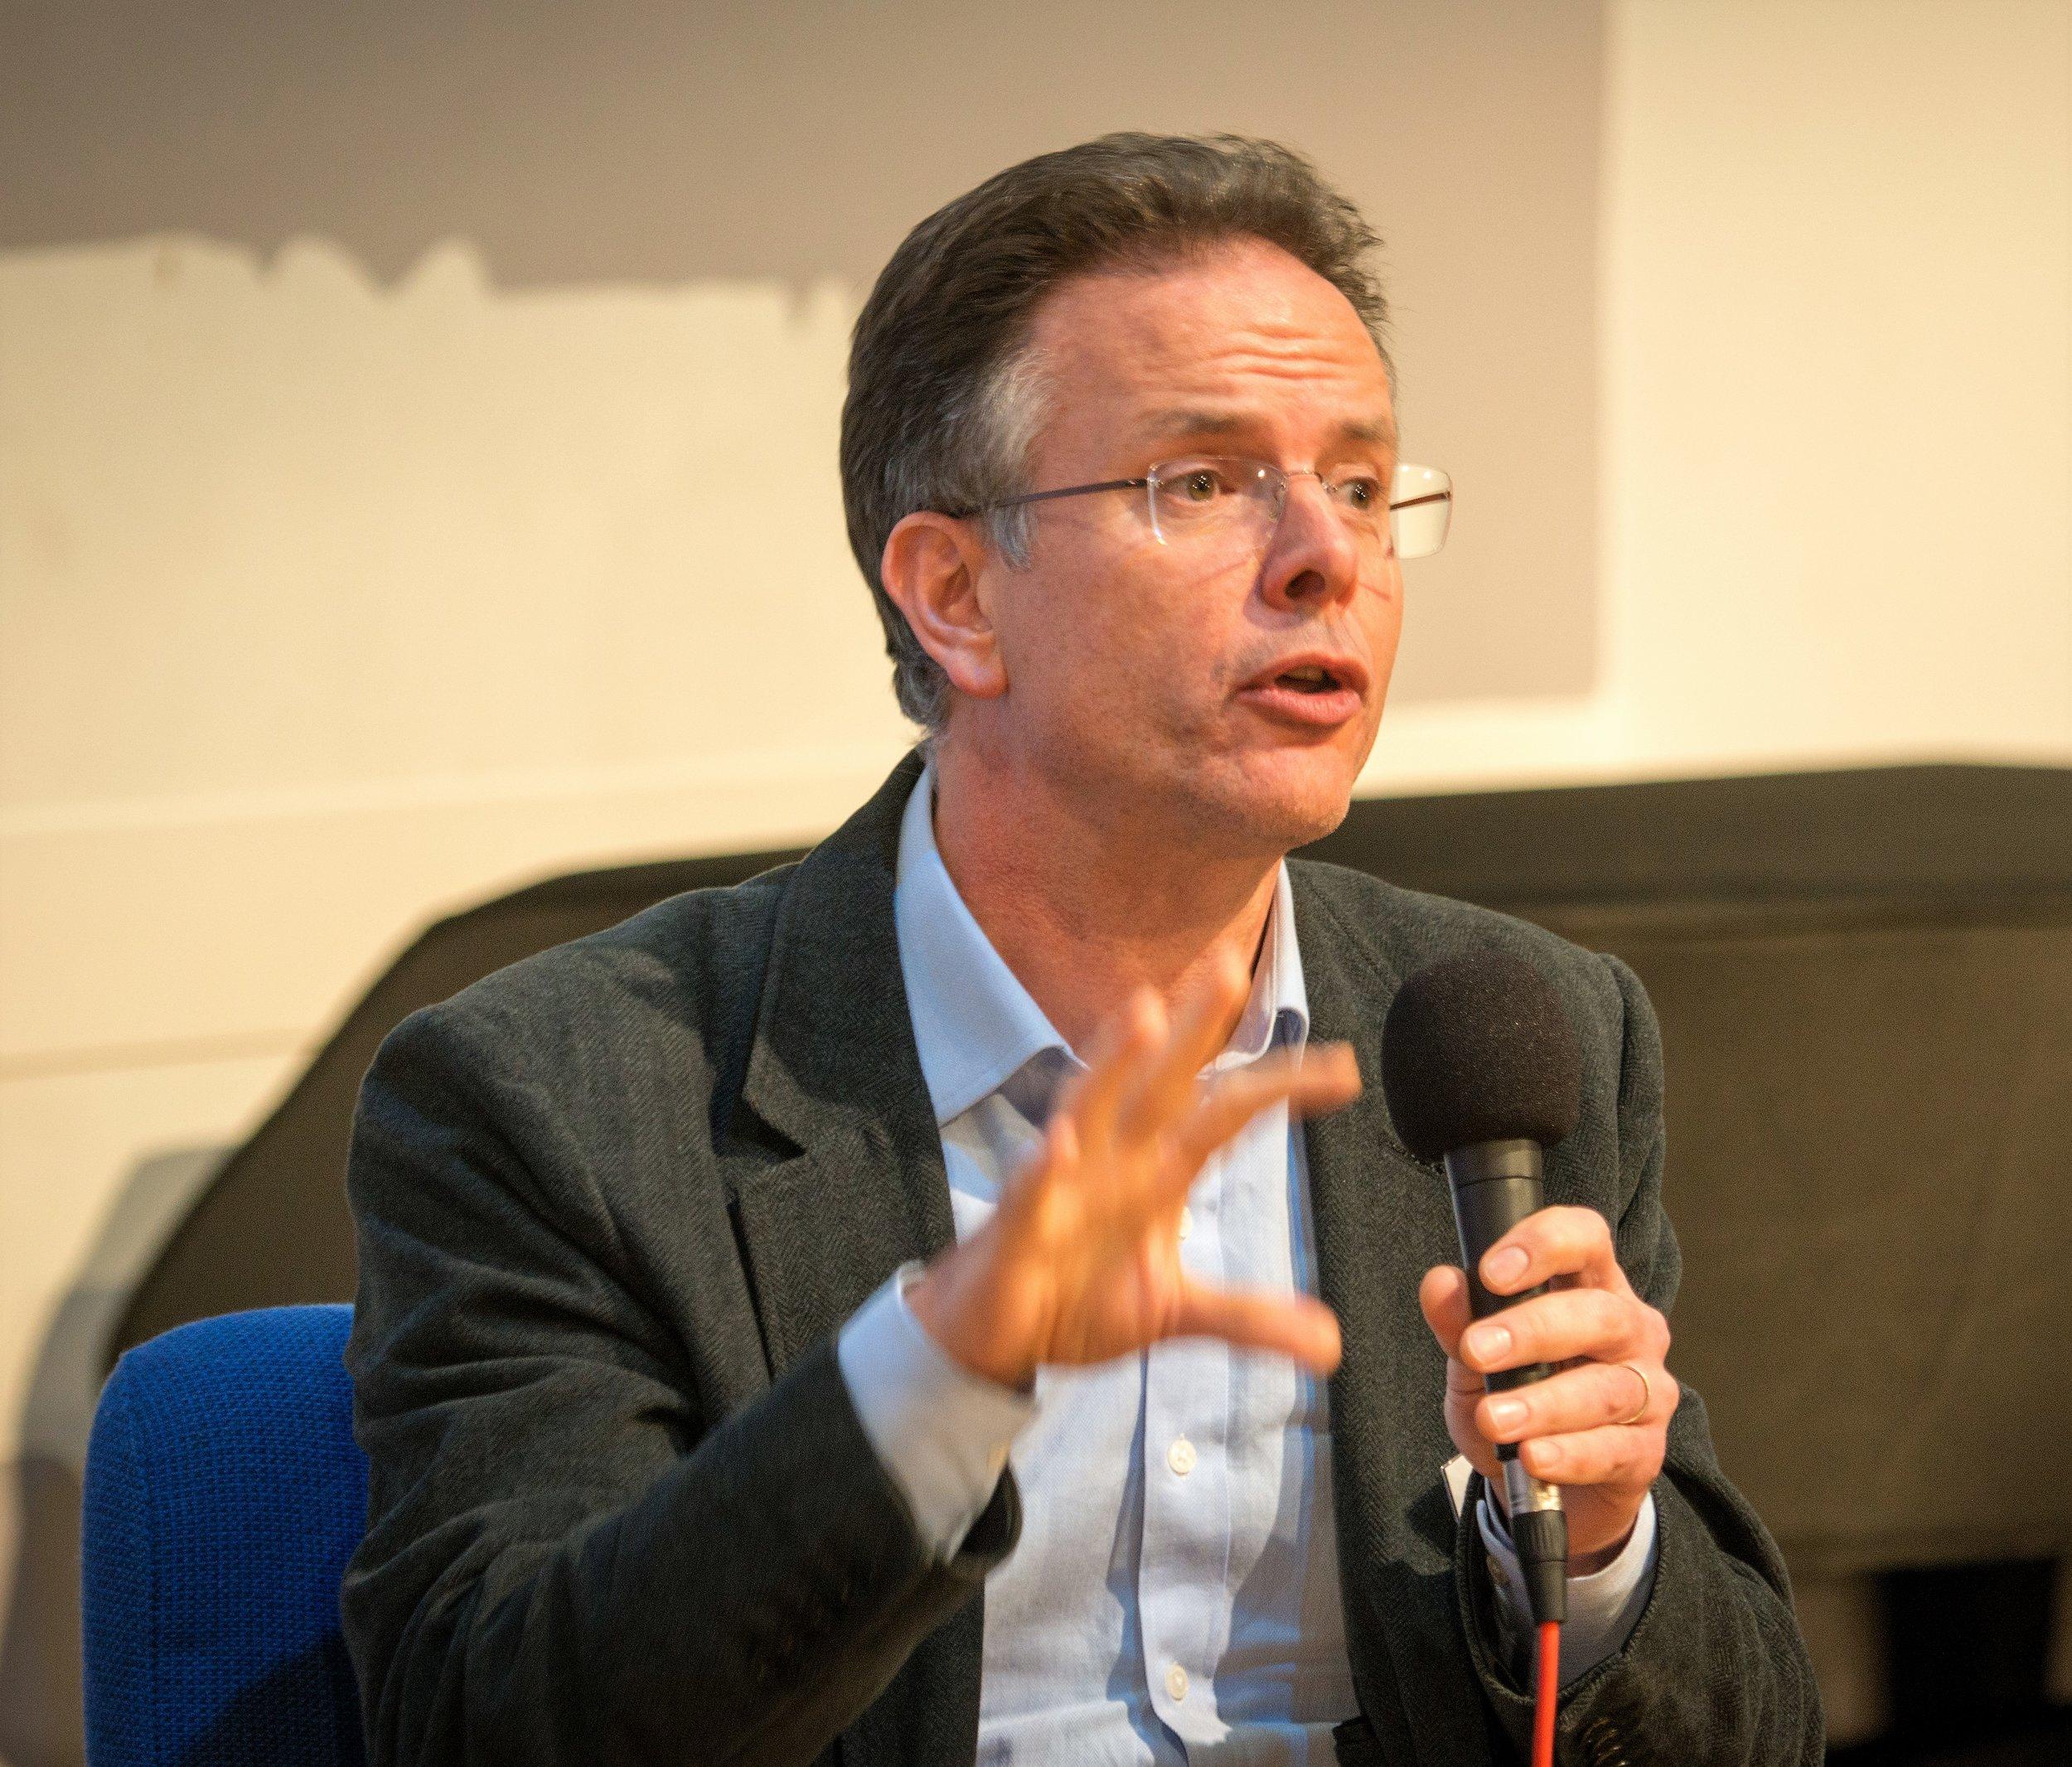 David Clough